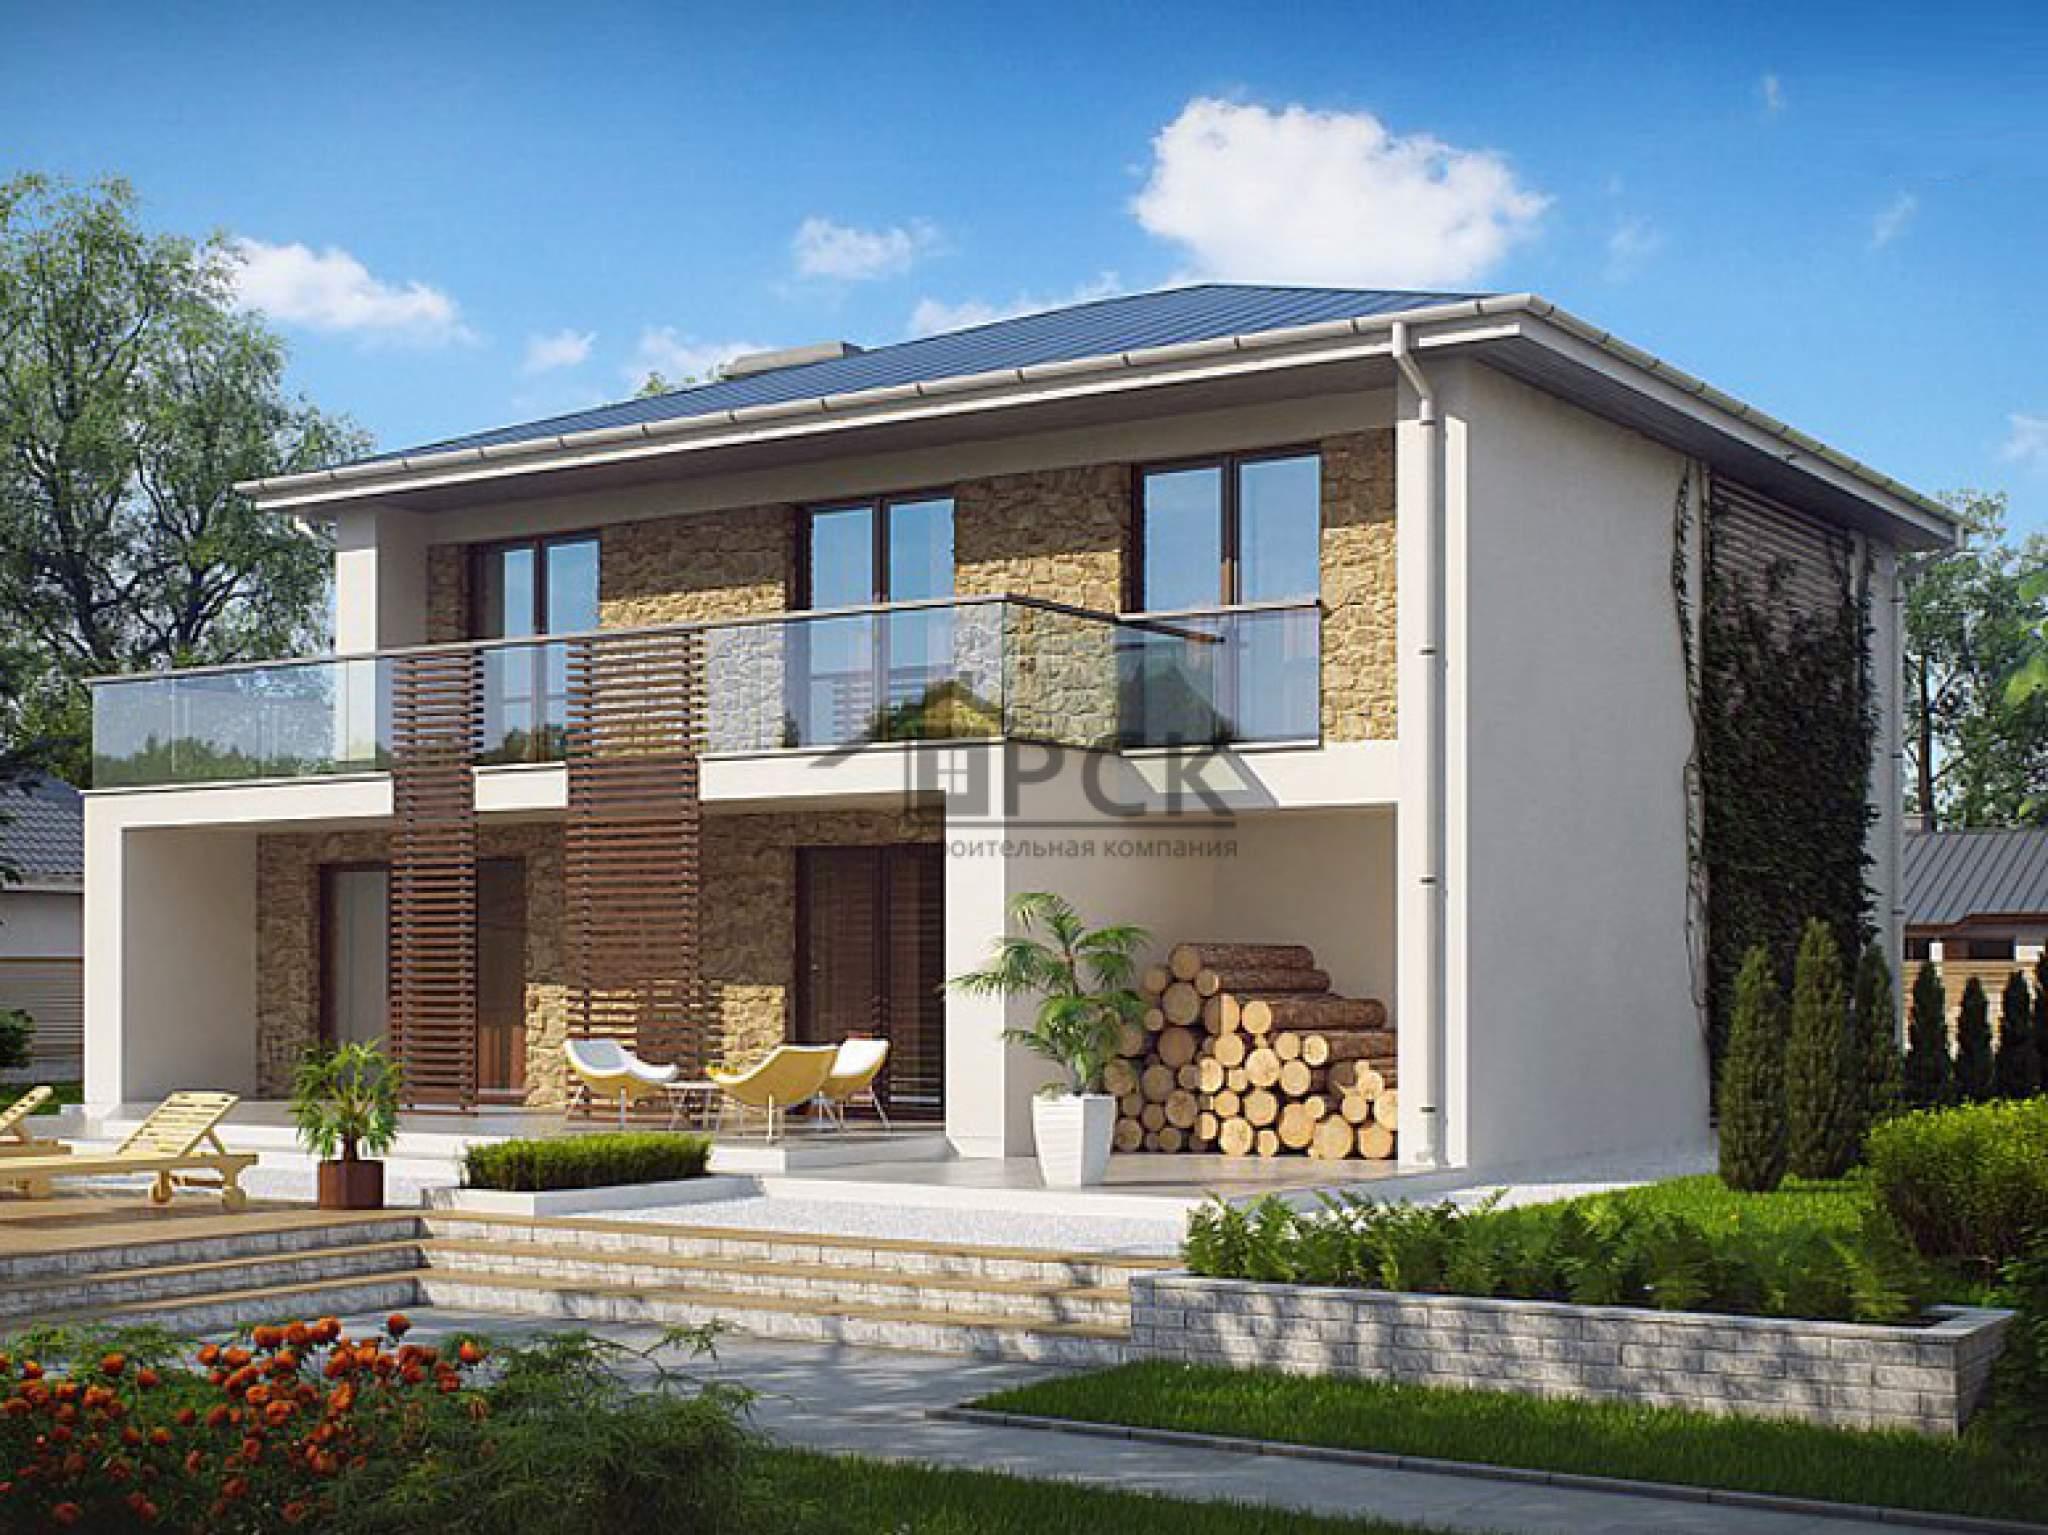 Готовый проект дома zx55 с ценой, реализация и интерьер 1hou.